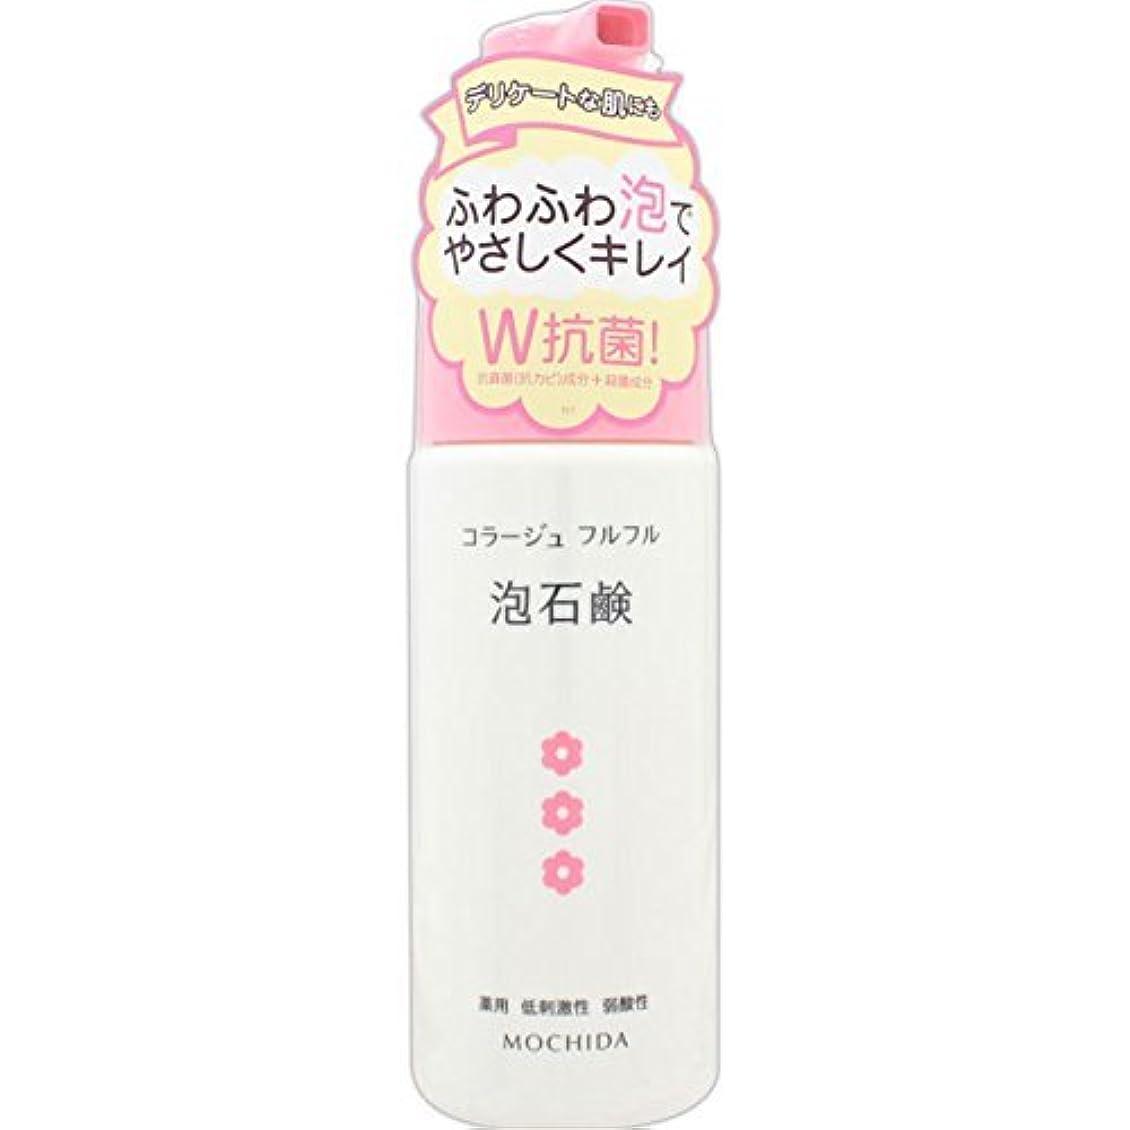 ファイター添加剤コラージュフルフル 泡石鹸 ピンク 150mL (医薬部外品) ×7